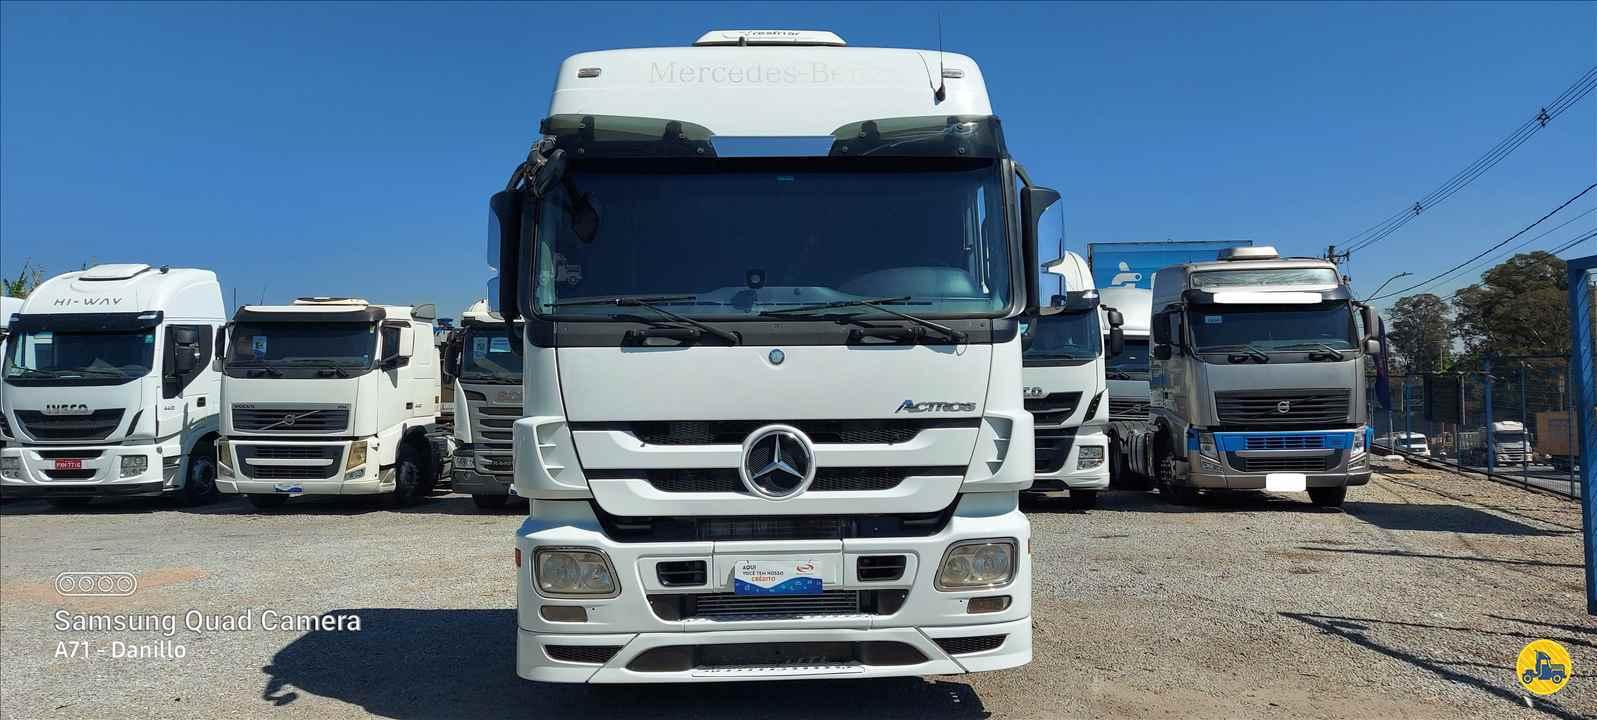 CAMINHAO MERCEDES-BENZ MB 2546 Cavalo Mecânico Truck 6x2 13 de Maio Caminhões BETIM MINAS GERAIS MG